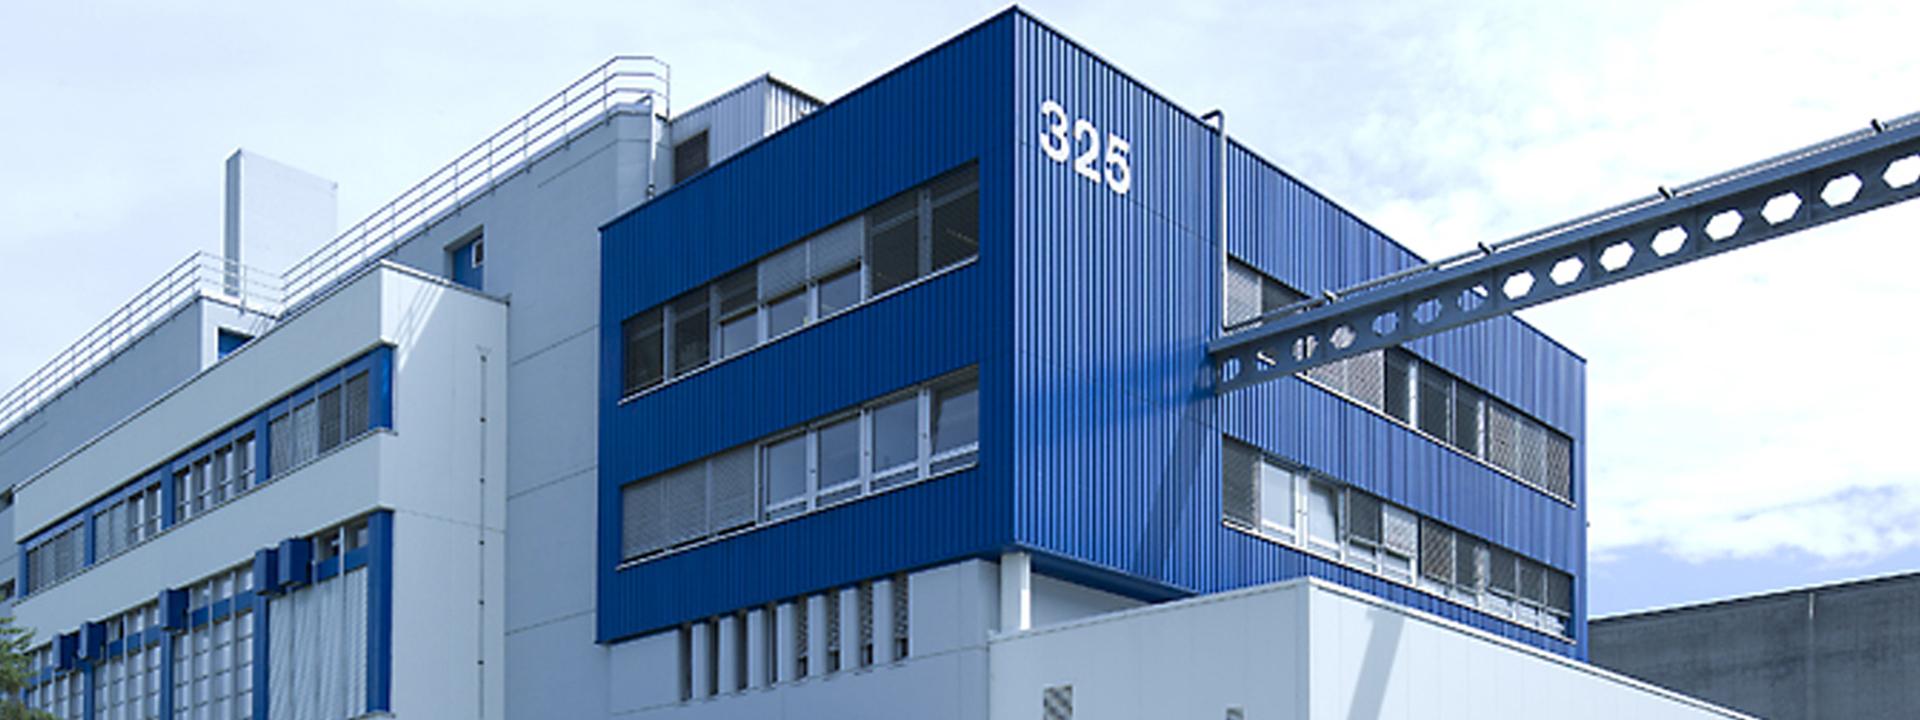 Aussenansicht des DSM Standorts mit Betriebs- und Zonenkonzept von IE Life Science